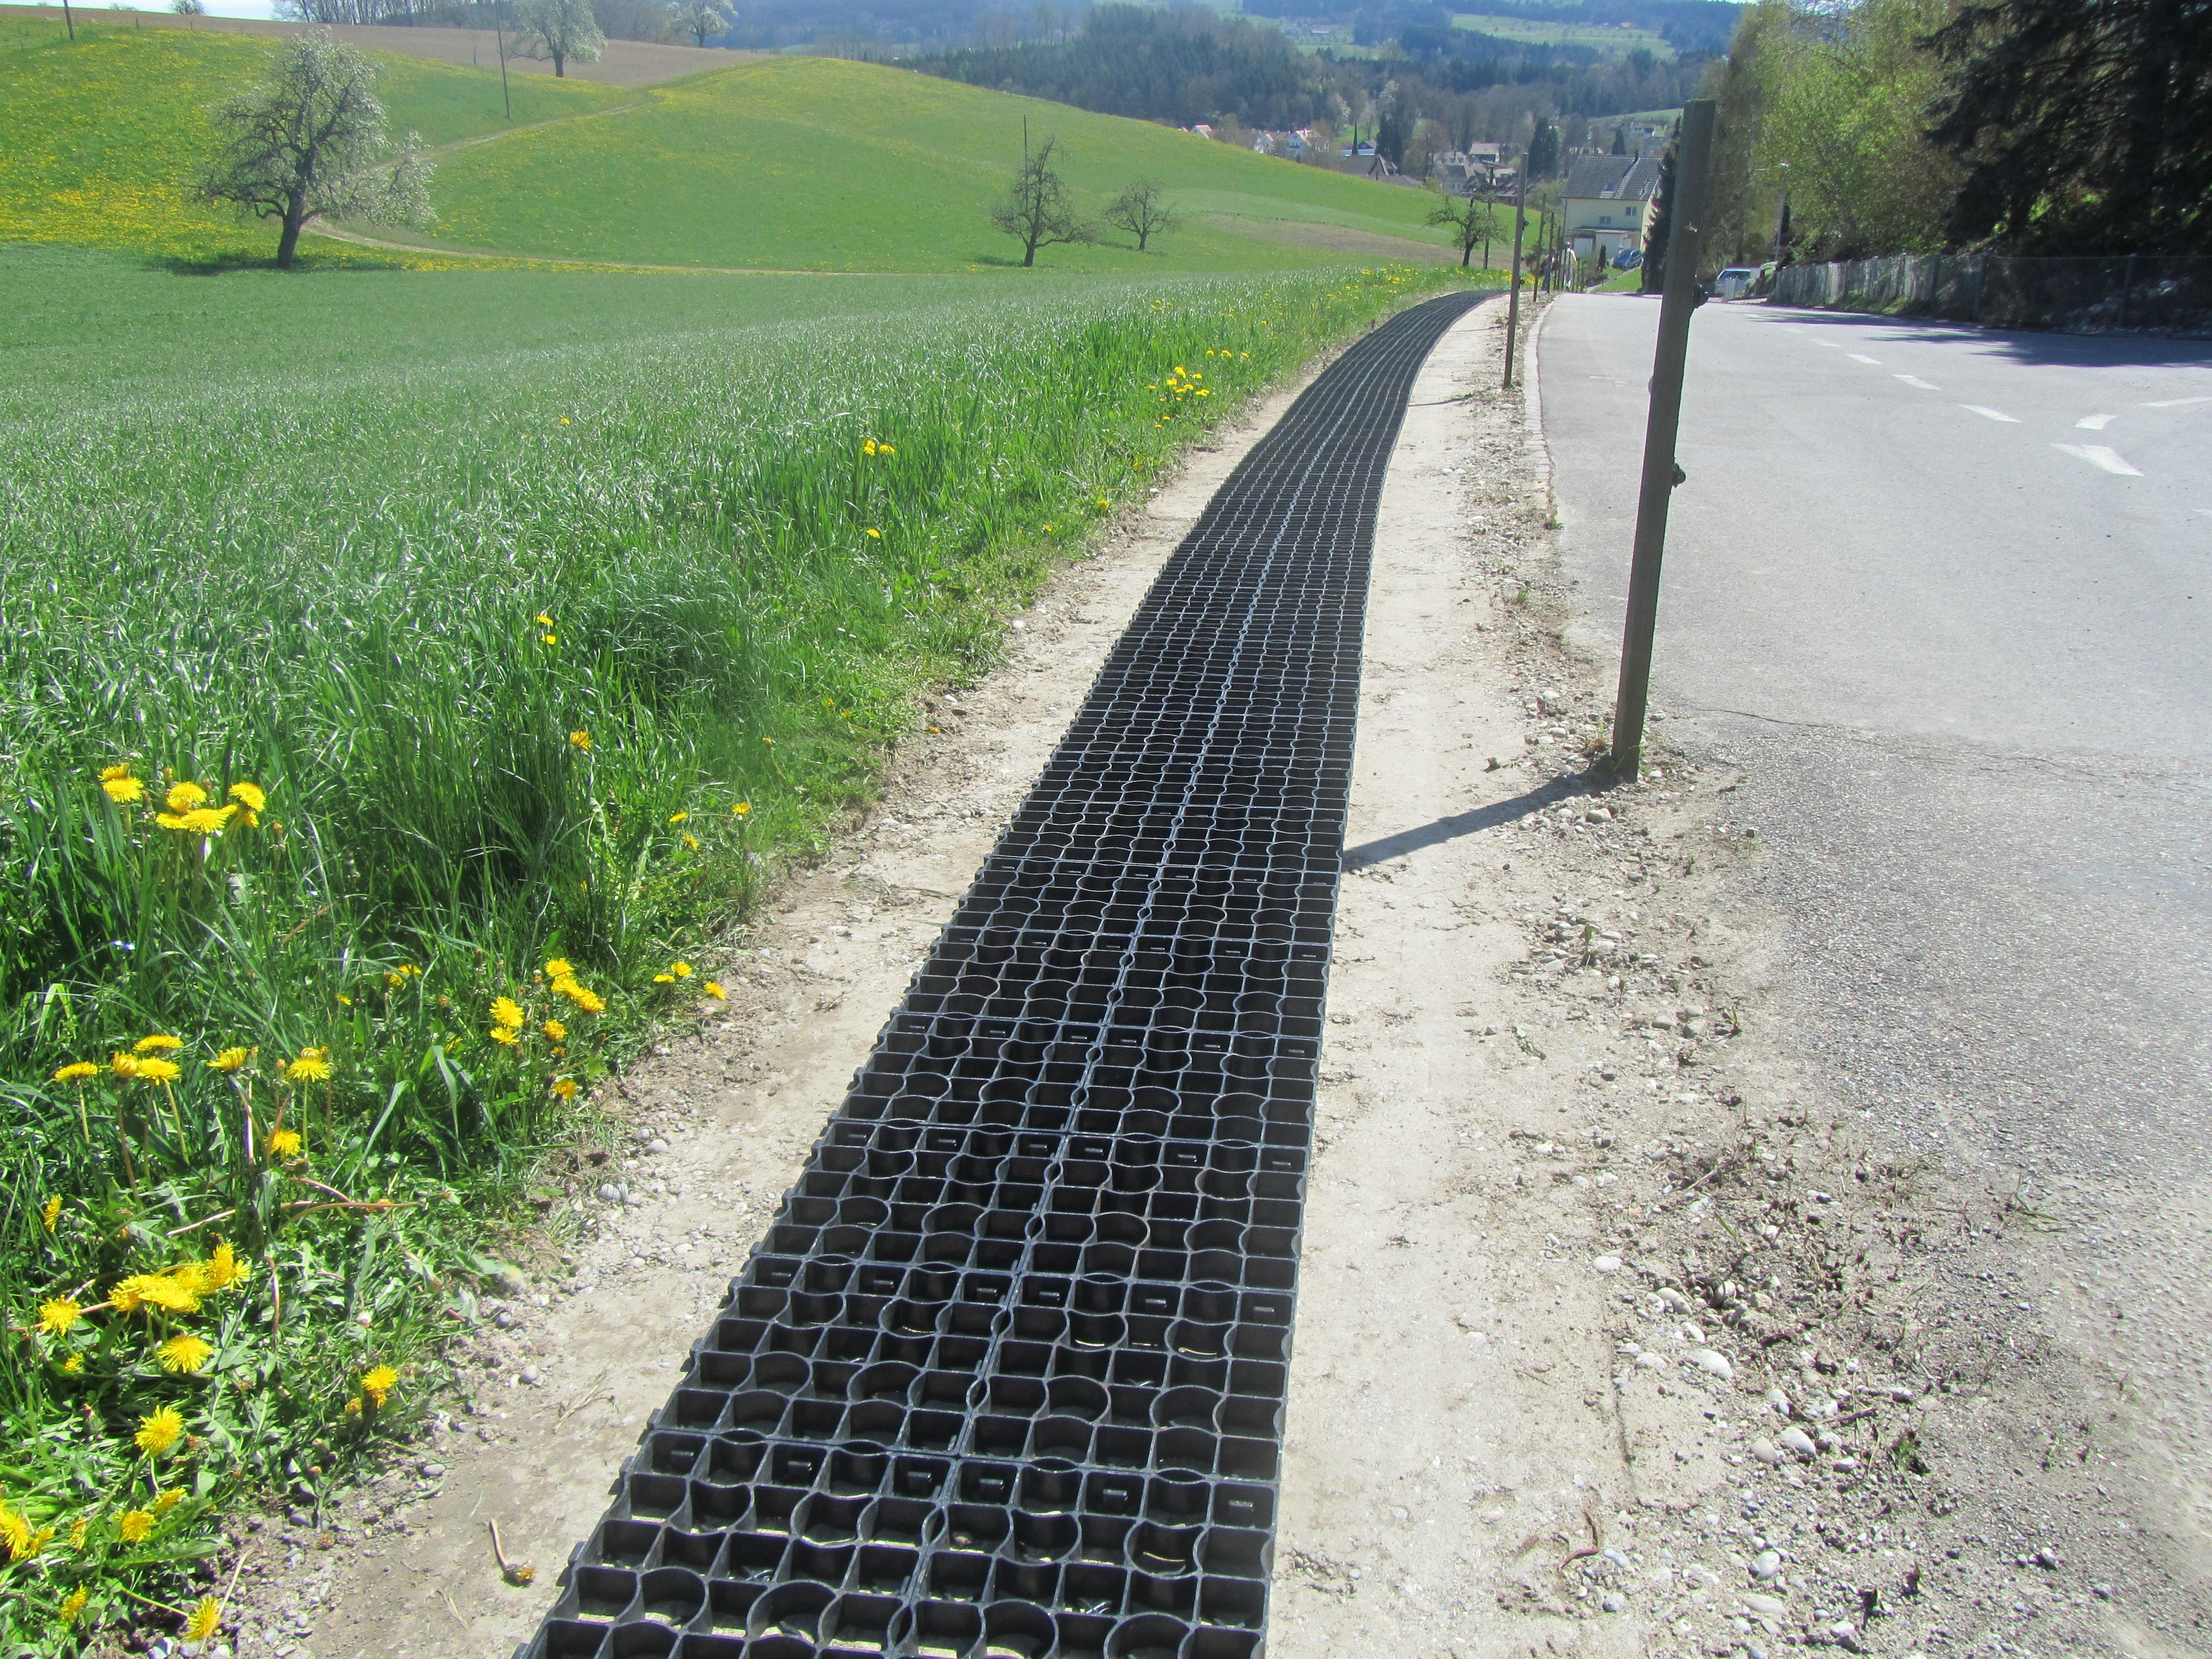 Schweiz_DirimAG_Ecoraster E50 Weideweg Schiess 9213 Hauptwil TG Weideeingang (5)